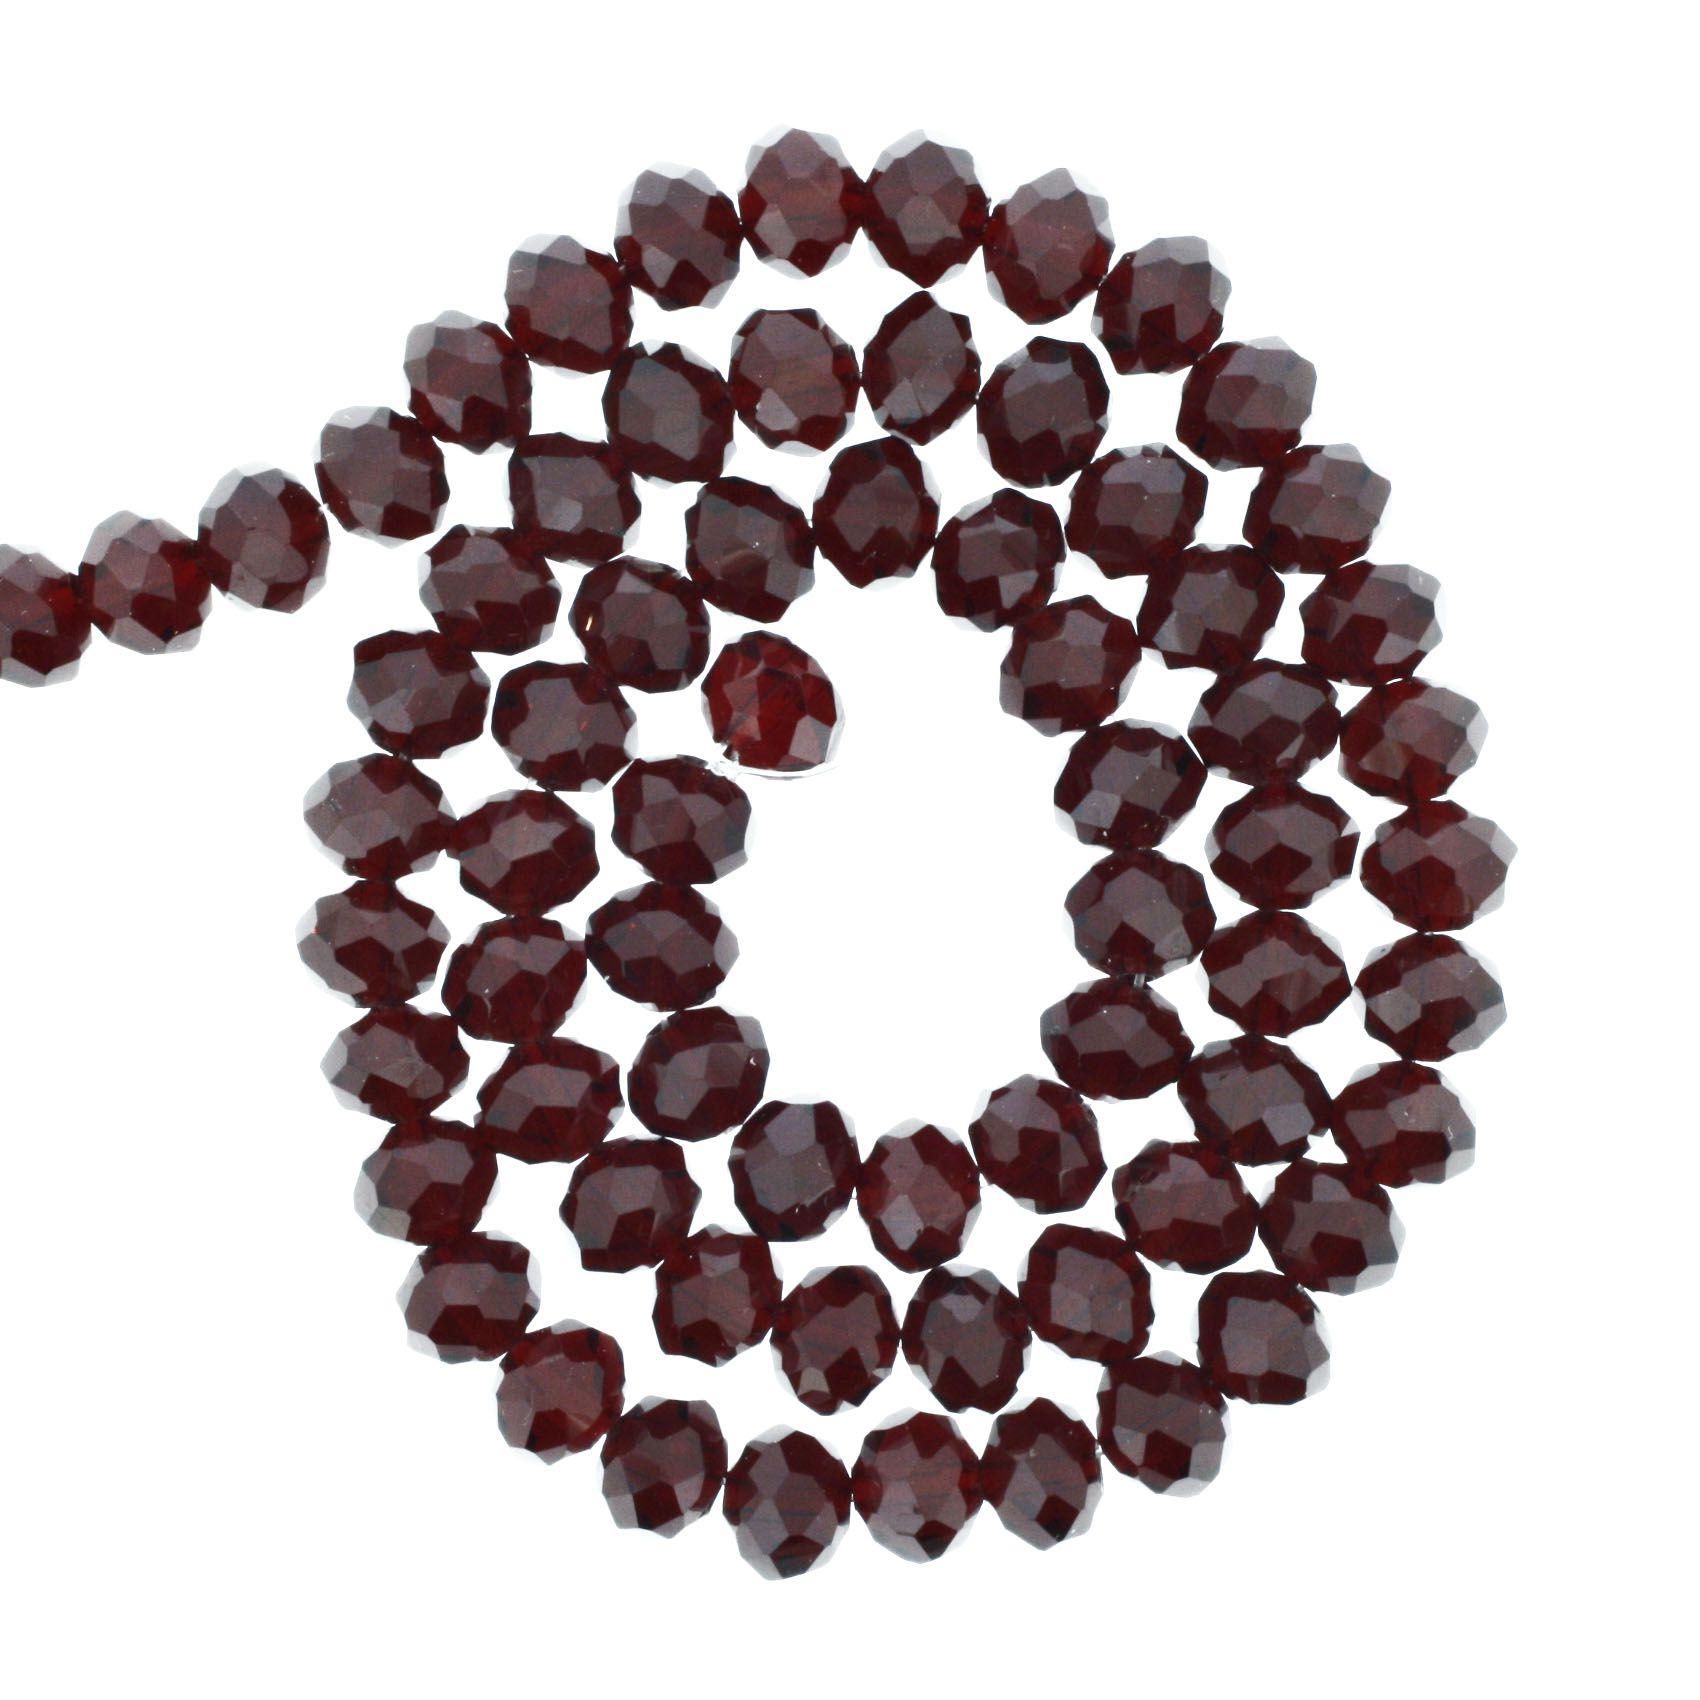 Fio de Cristal - Flat® - Vermelho Escuro Transparente - 8mm  - Stéphanie Bijoux® - Peças para Bijuterias e Artesanato